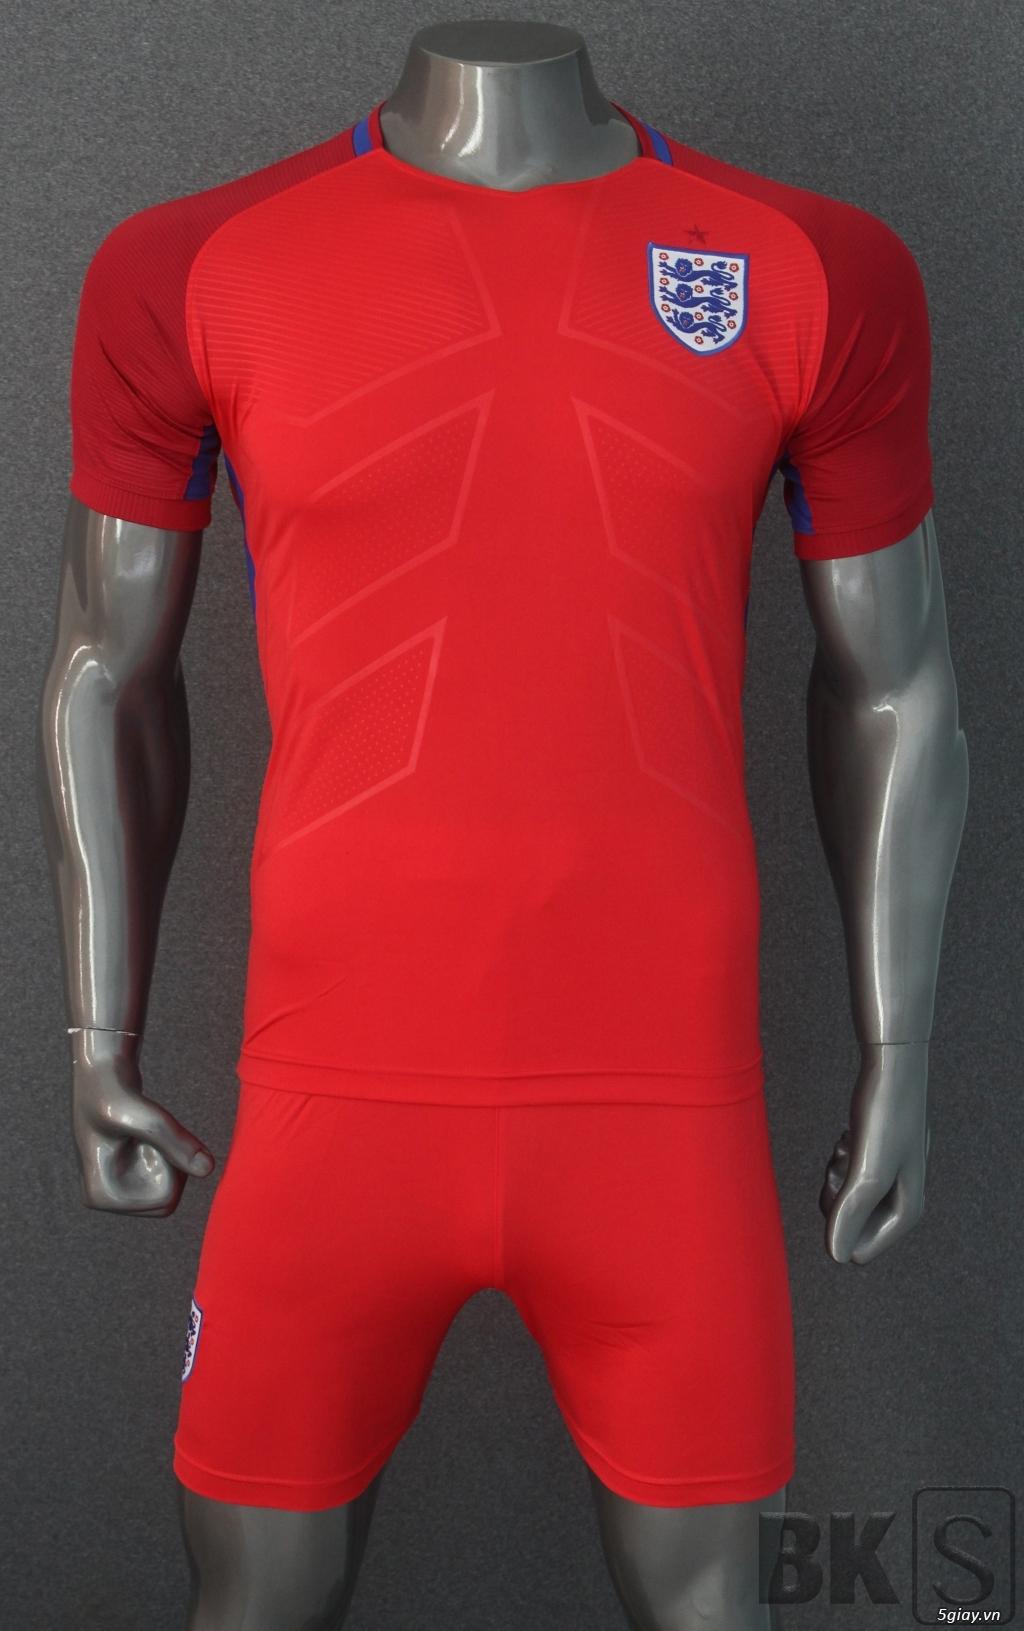 Áo bóng đá HP-địa chỉ gốc sản xuất trang phục thể thao số 1 Việt Nam - 29